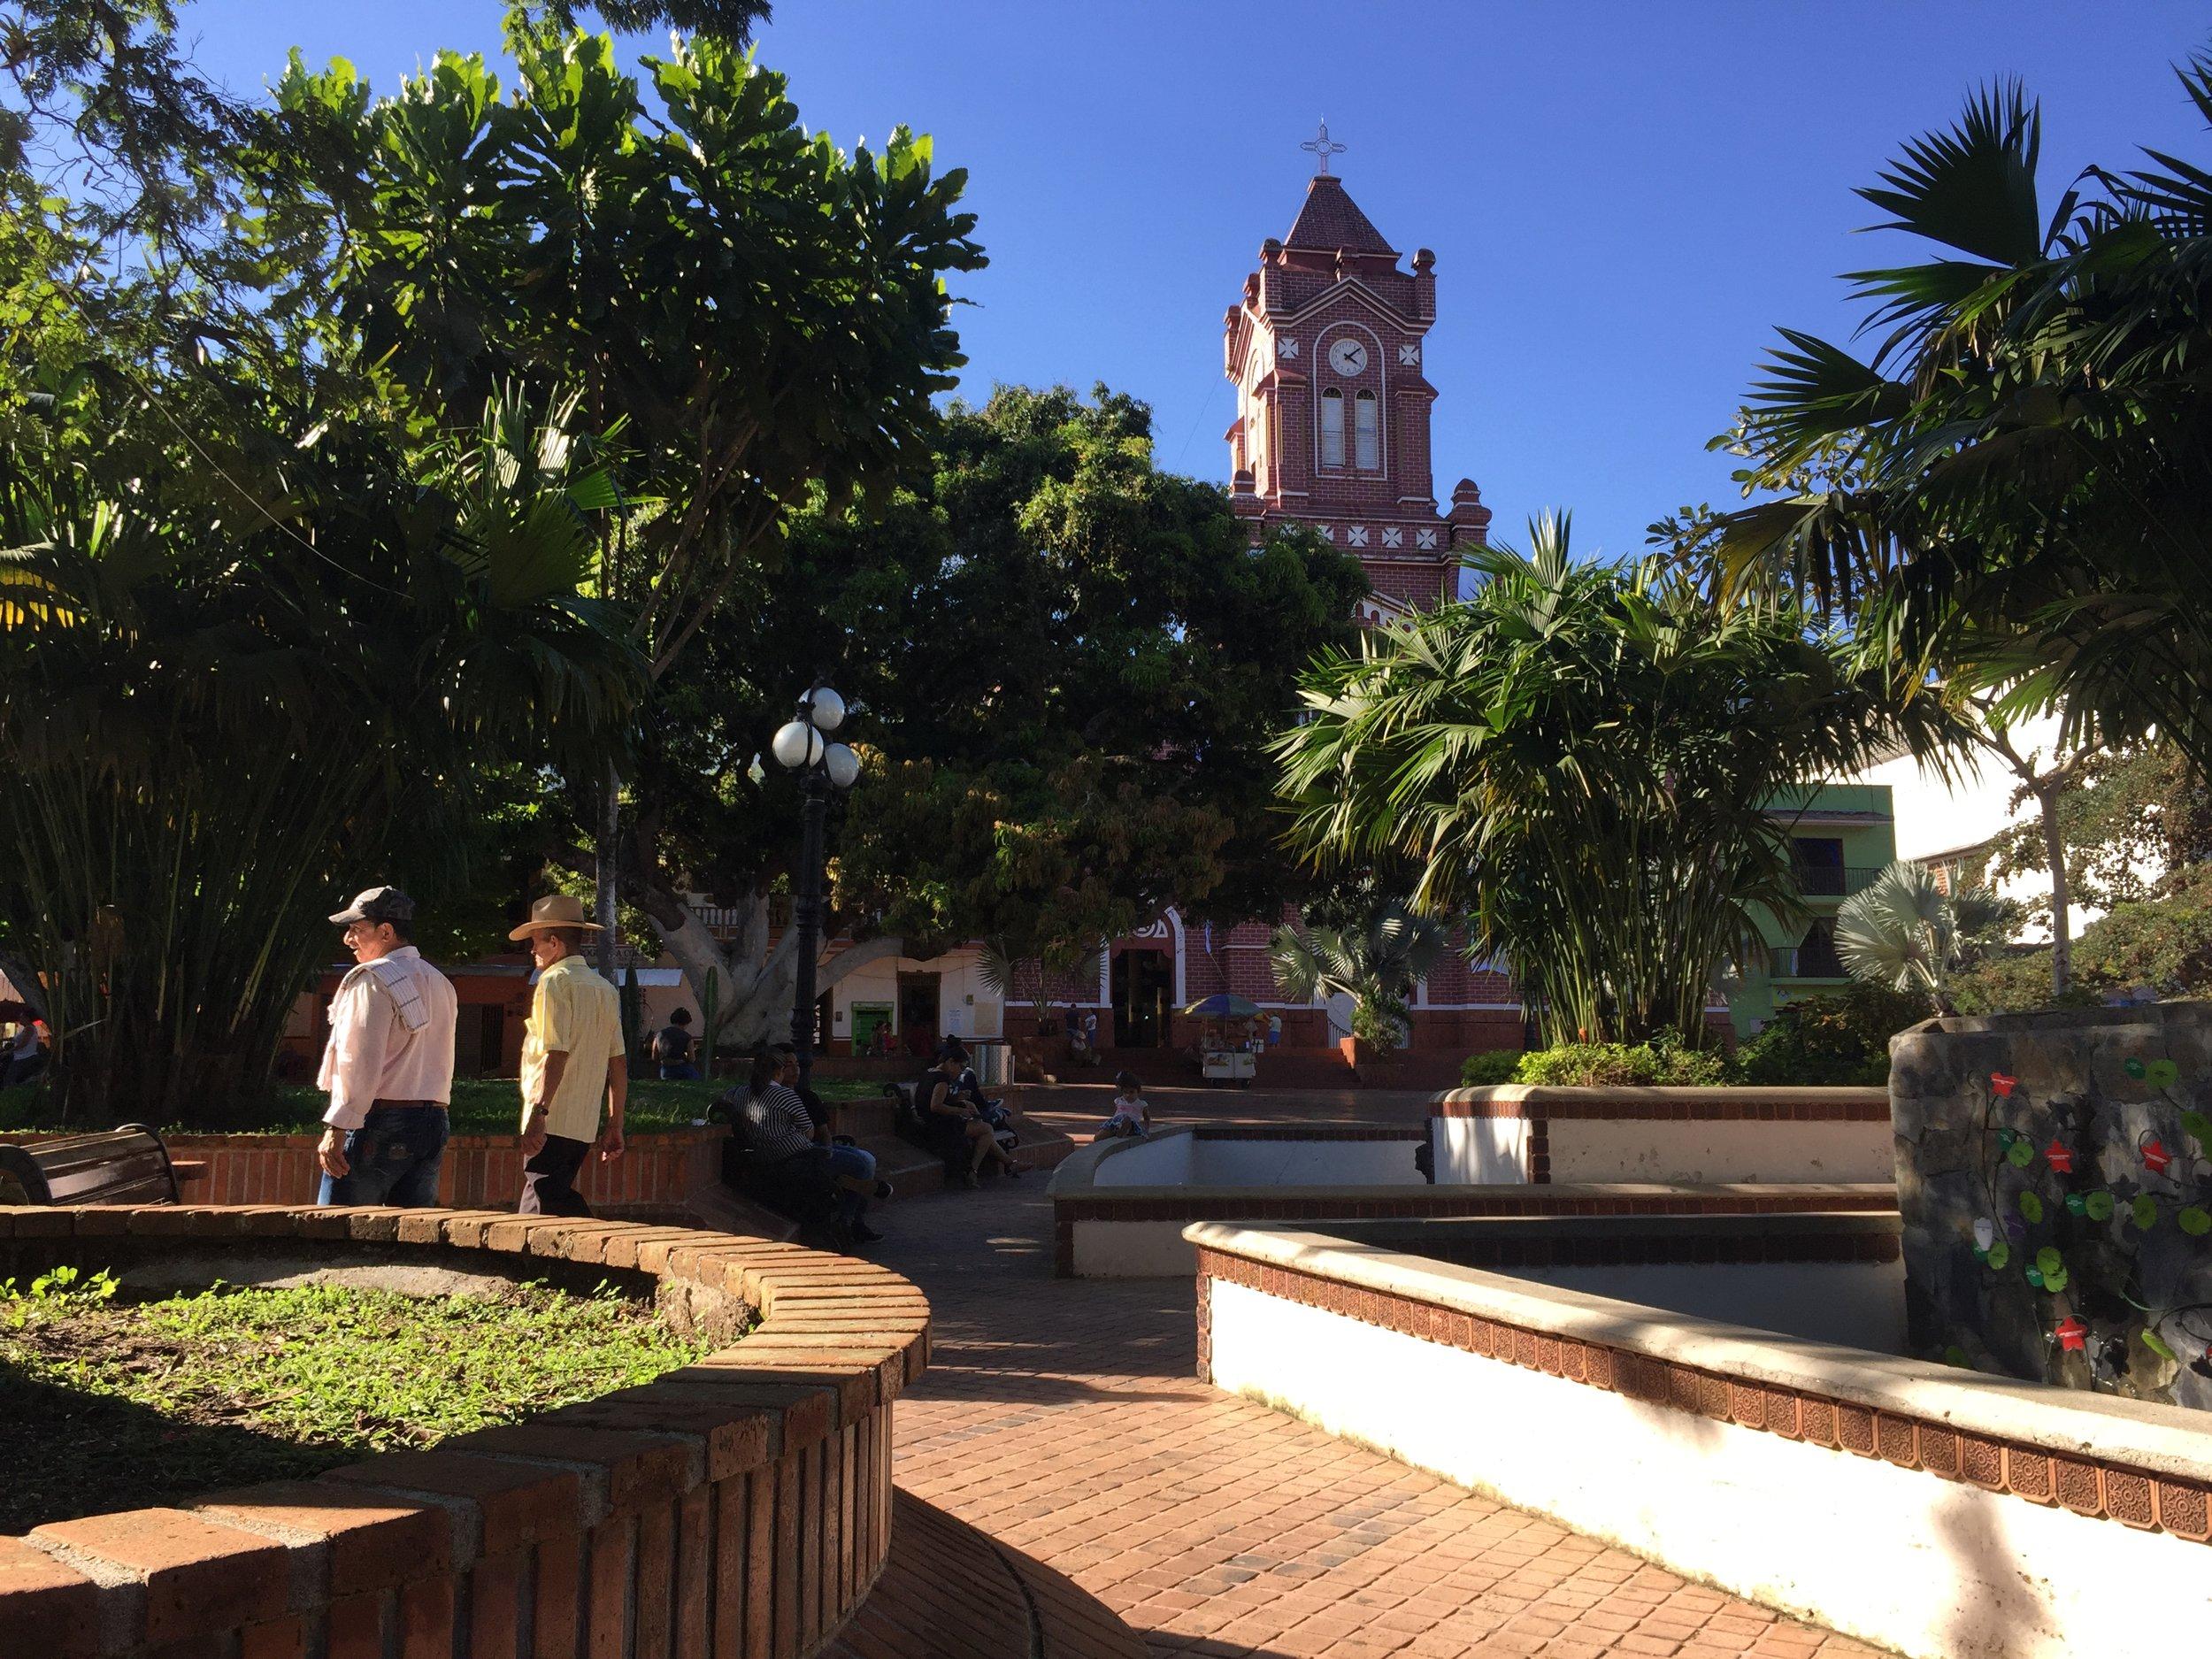 Parque Principal in San Carlos